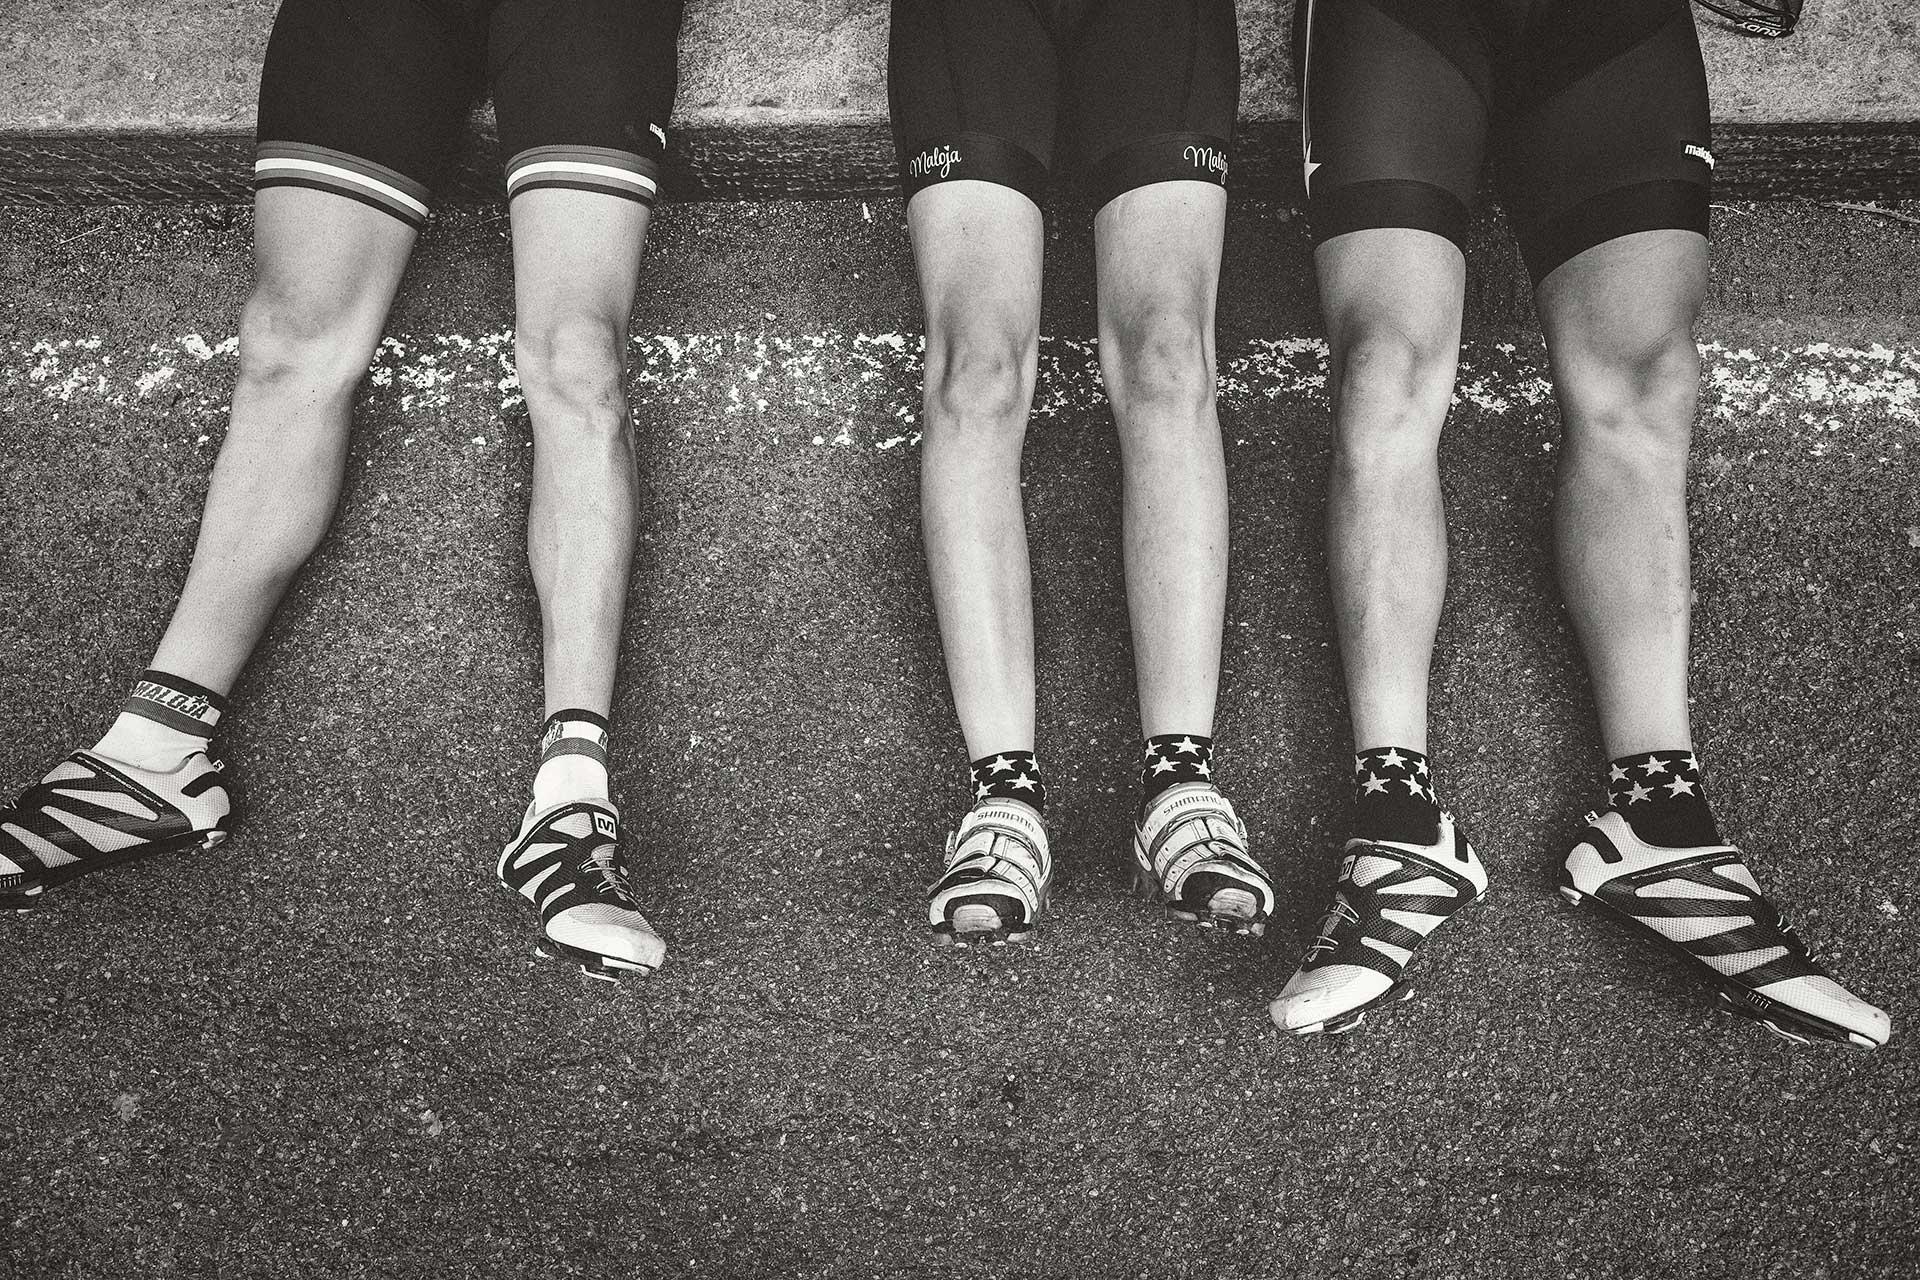 Beine Maloja Fahrrad Rennrad Sport Mailand Italien San Remo Fotograf Michael Müller